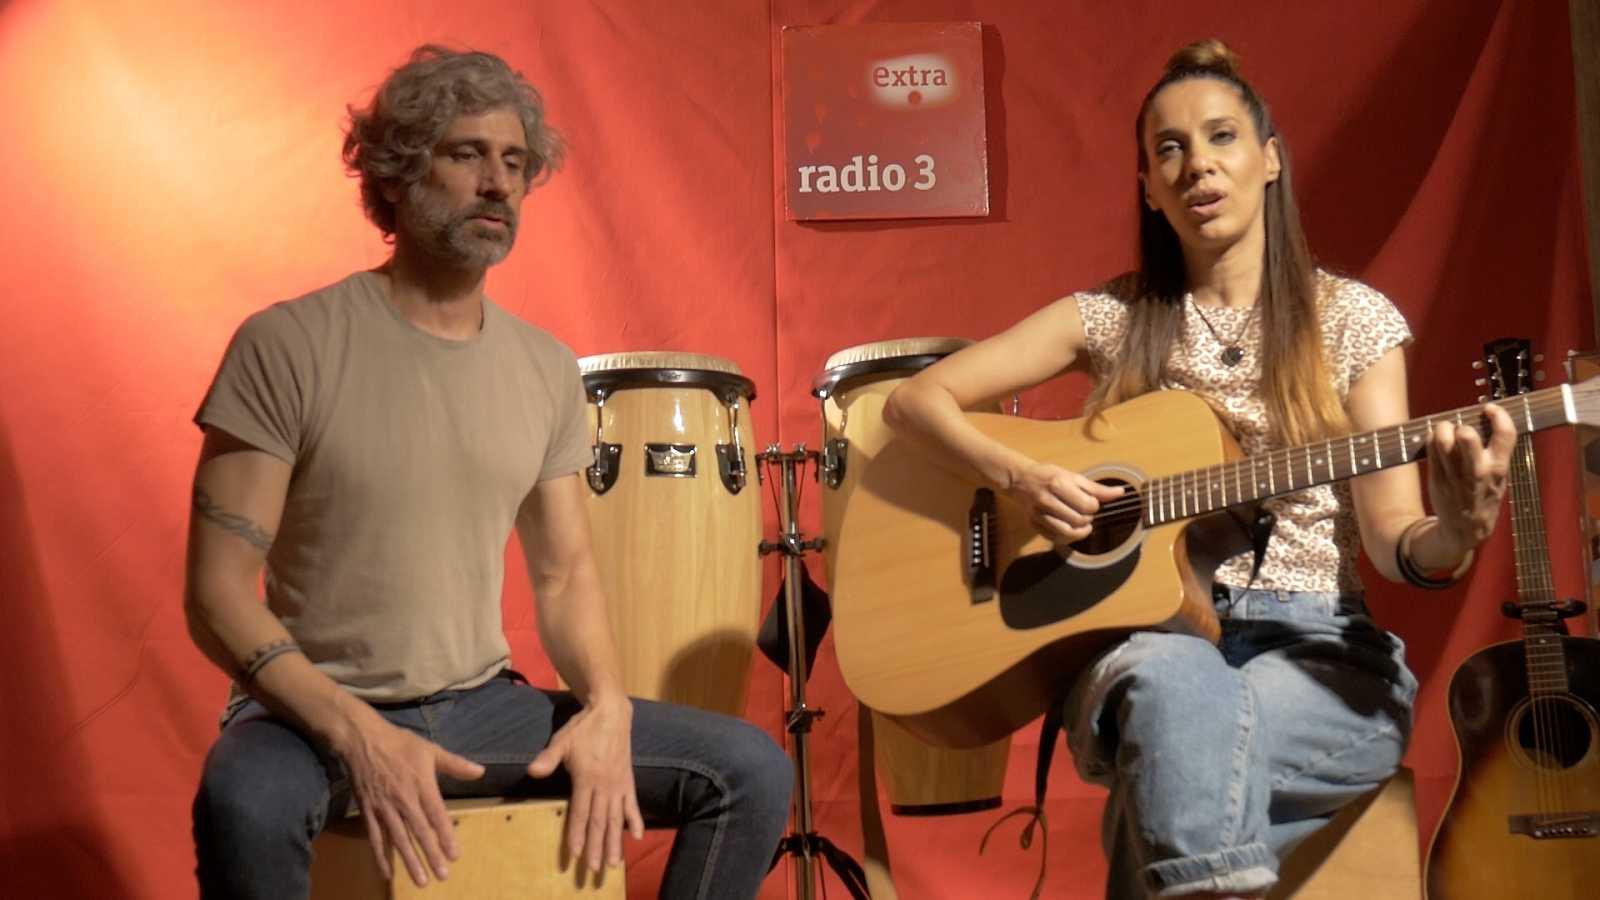 Jammin con Jotamayúscula - Suilma Aali - 04/09/20 - ver ahora